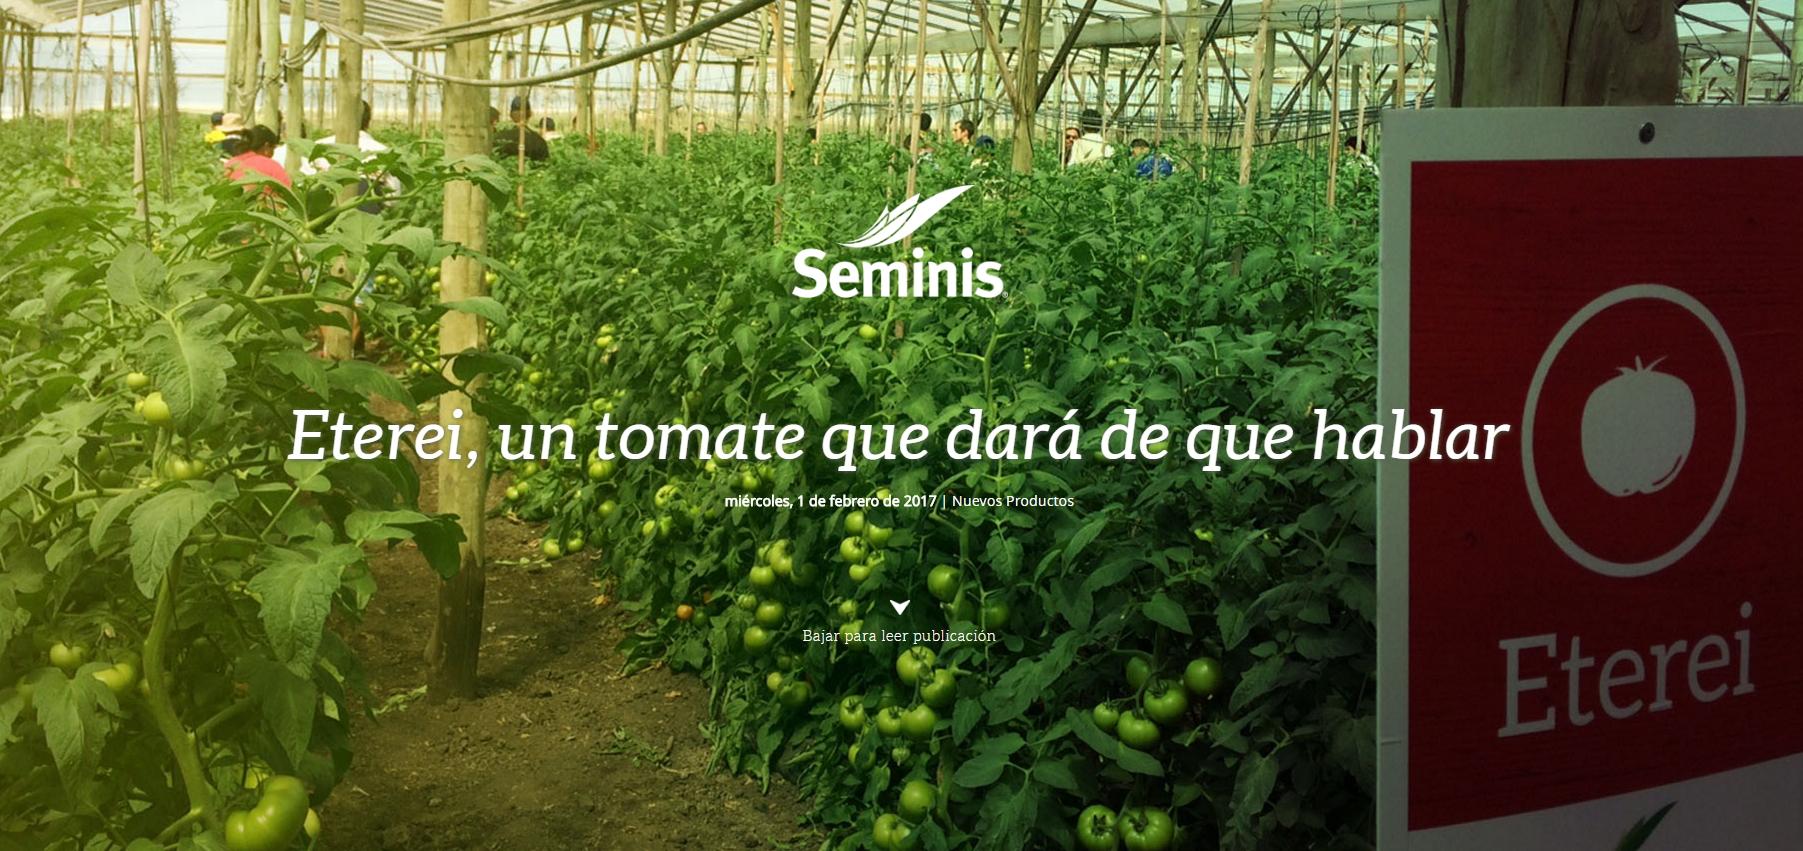 Día de campo Eterei, un tomate que dará de qué hablar